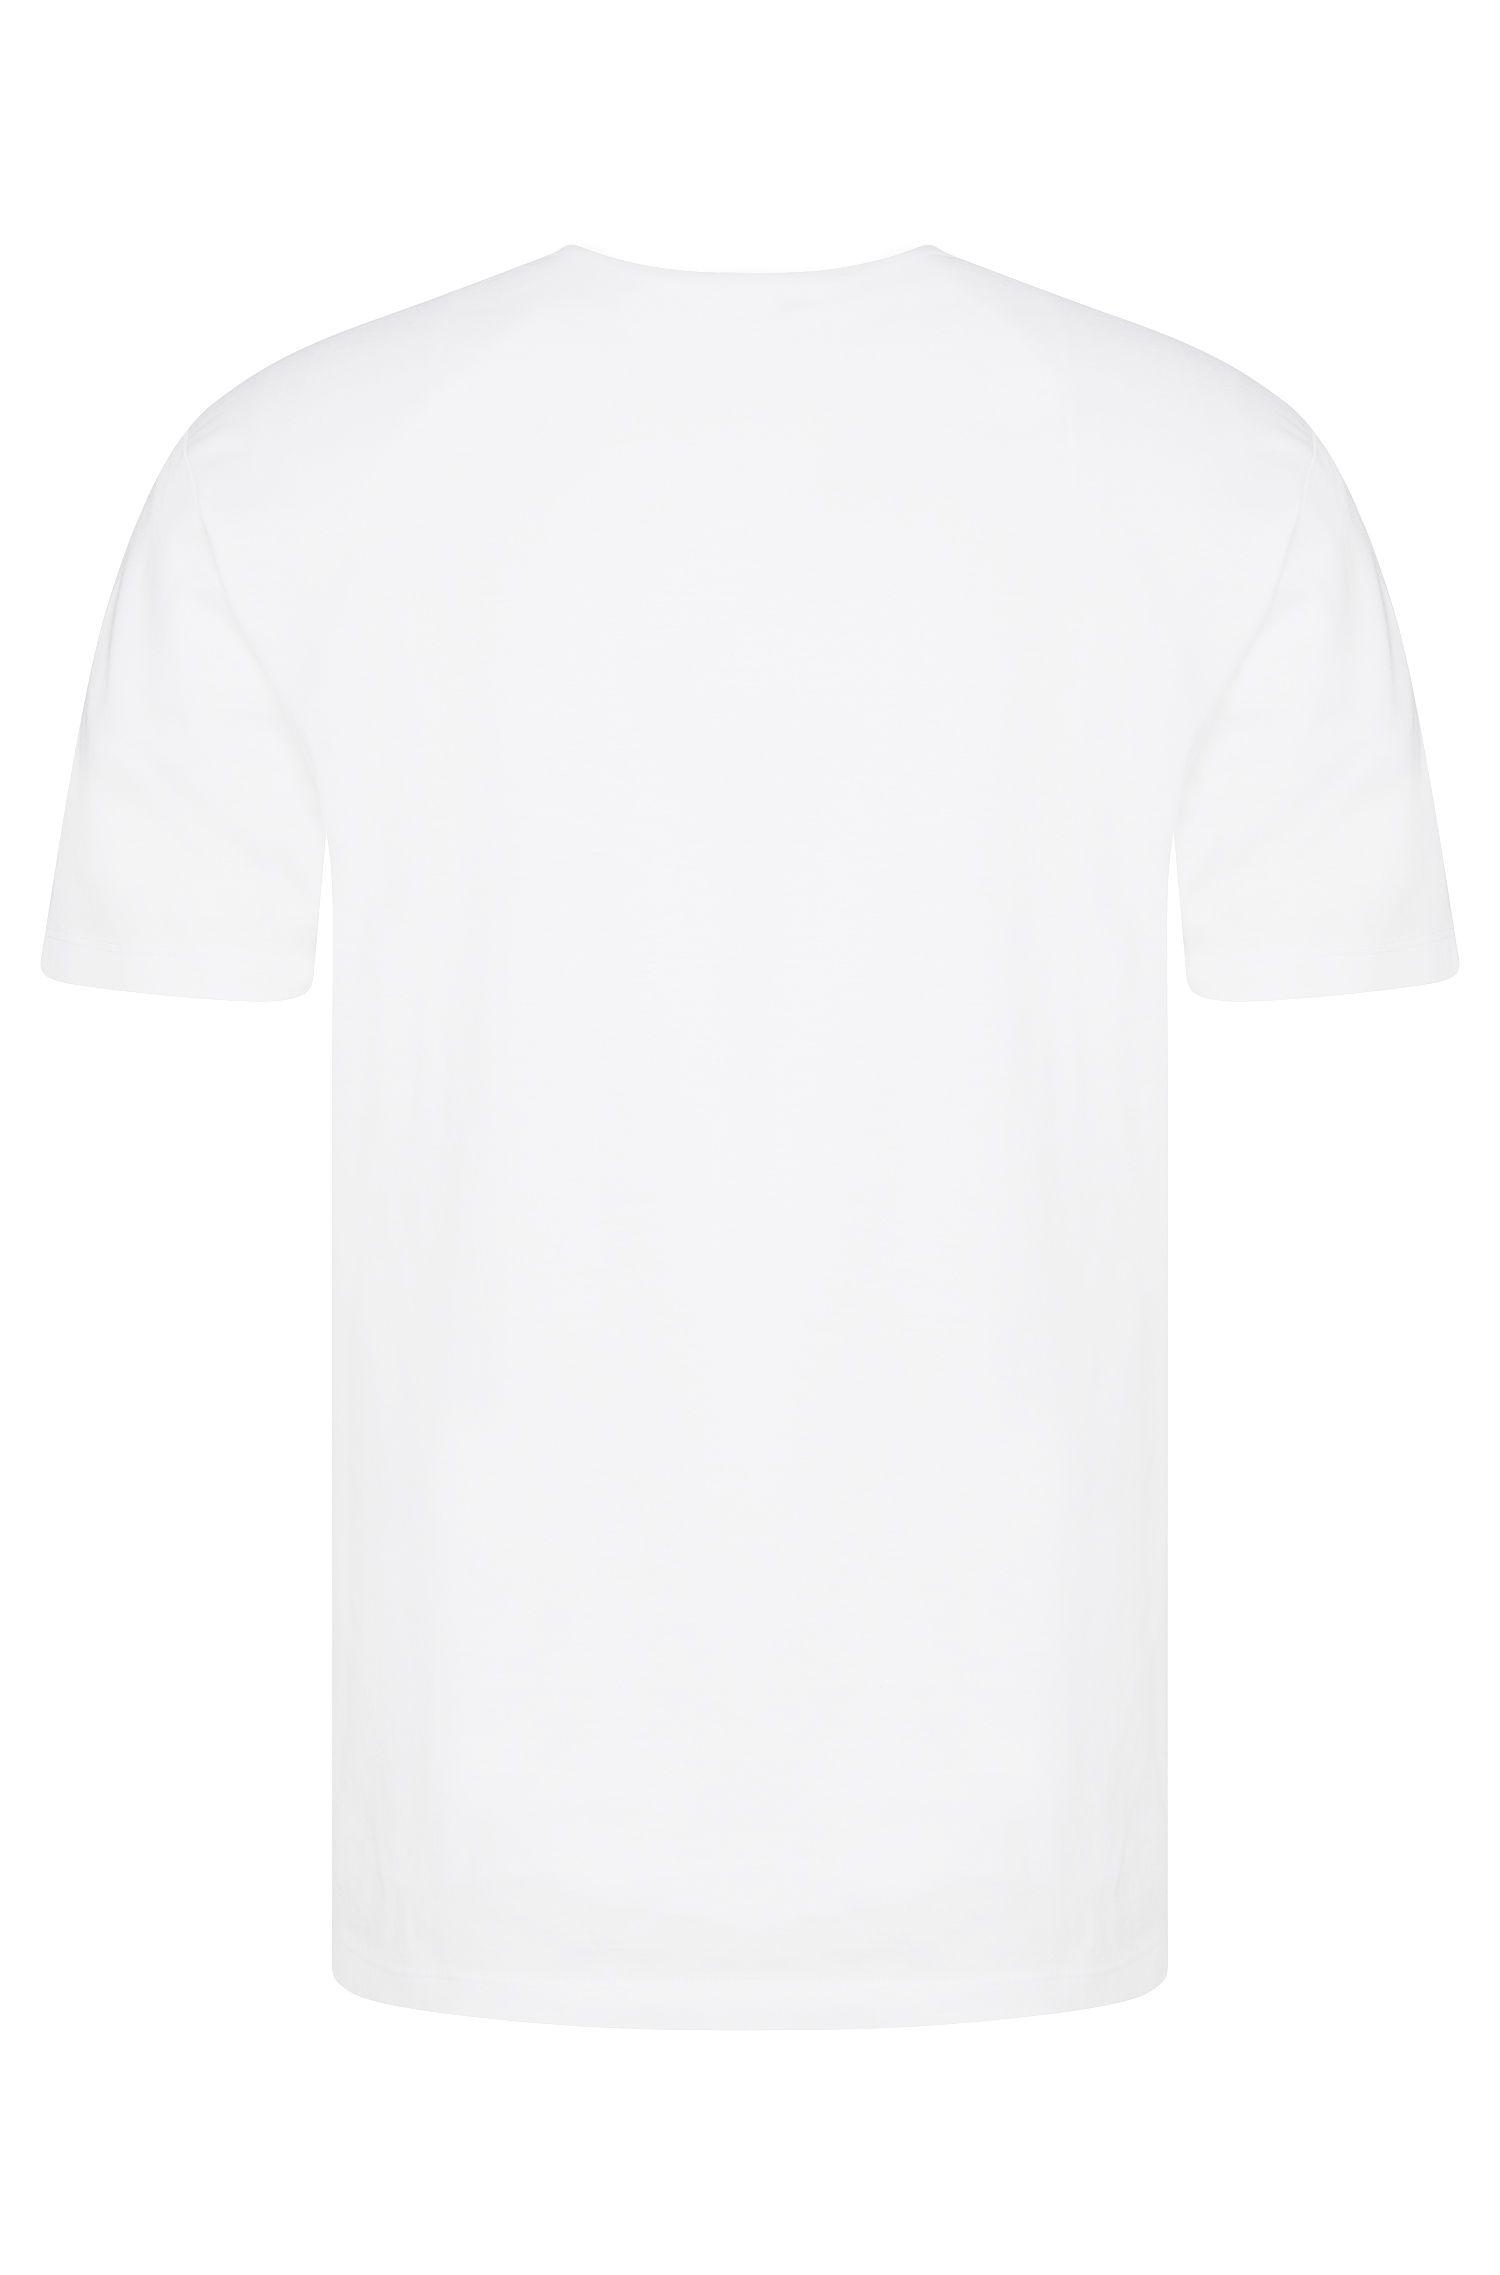 Regular-Fit T-Shirt aus Baumwolle mit perforierter Front: 'Teal 02'